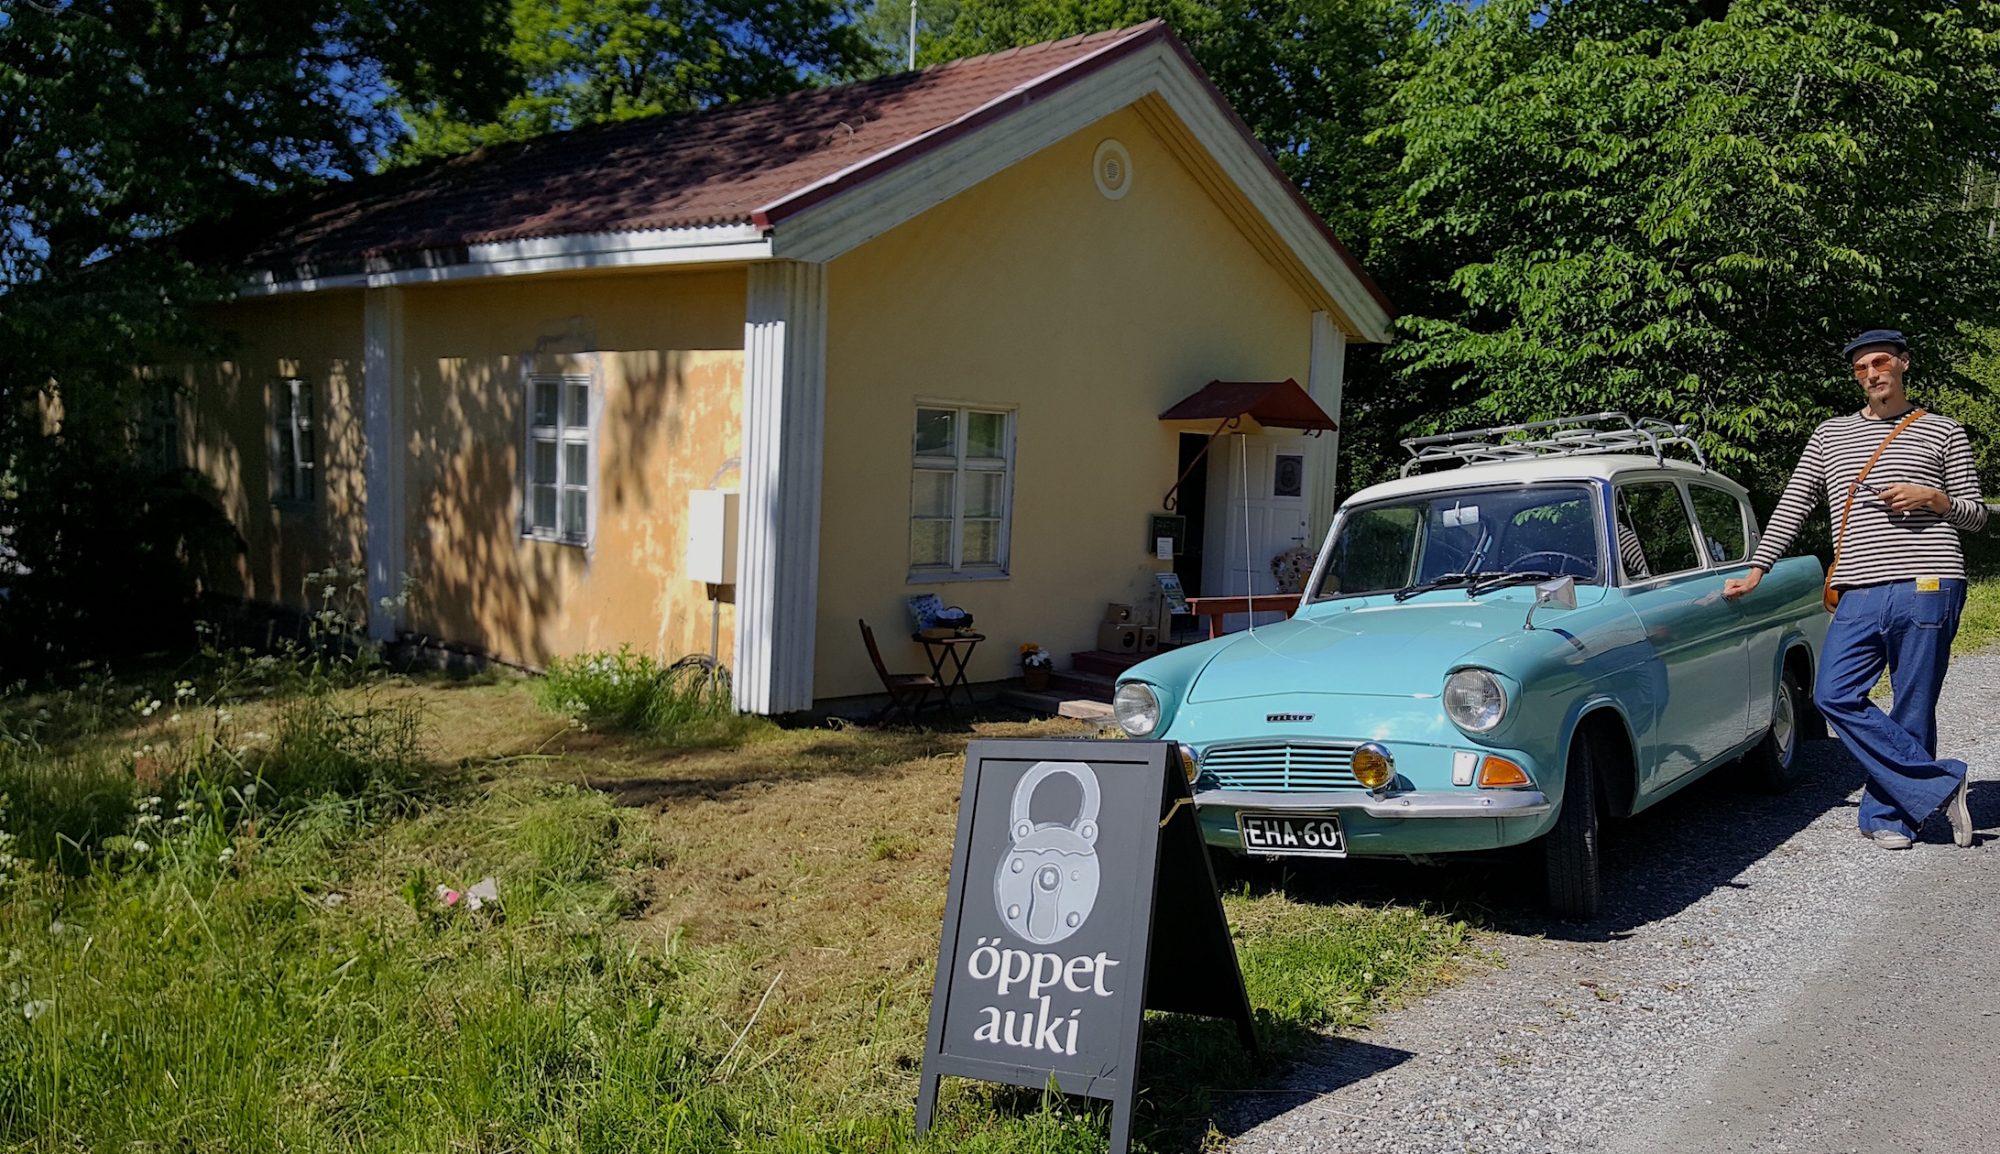 Björkboda Låsmuseum